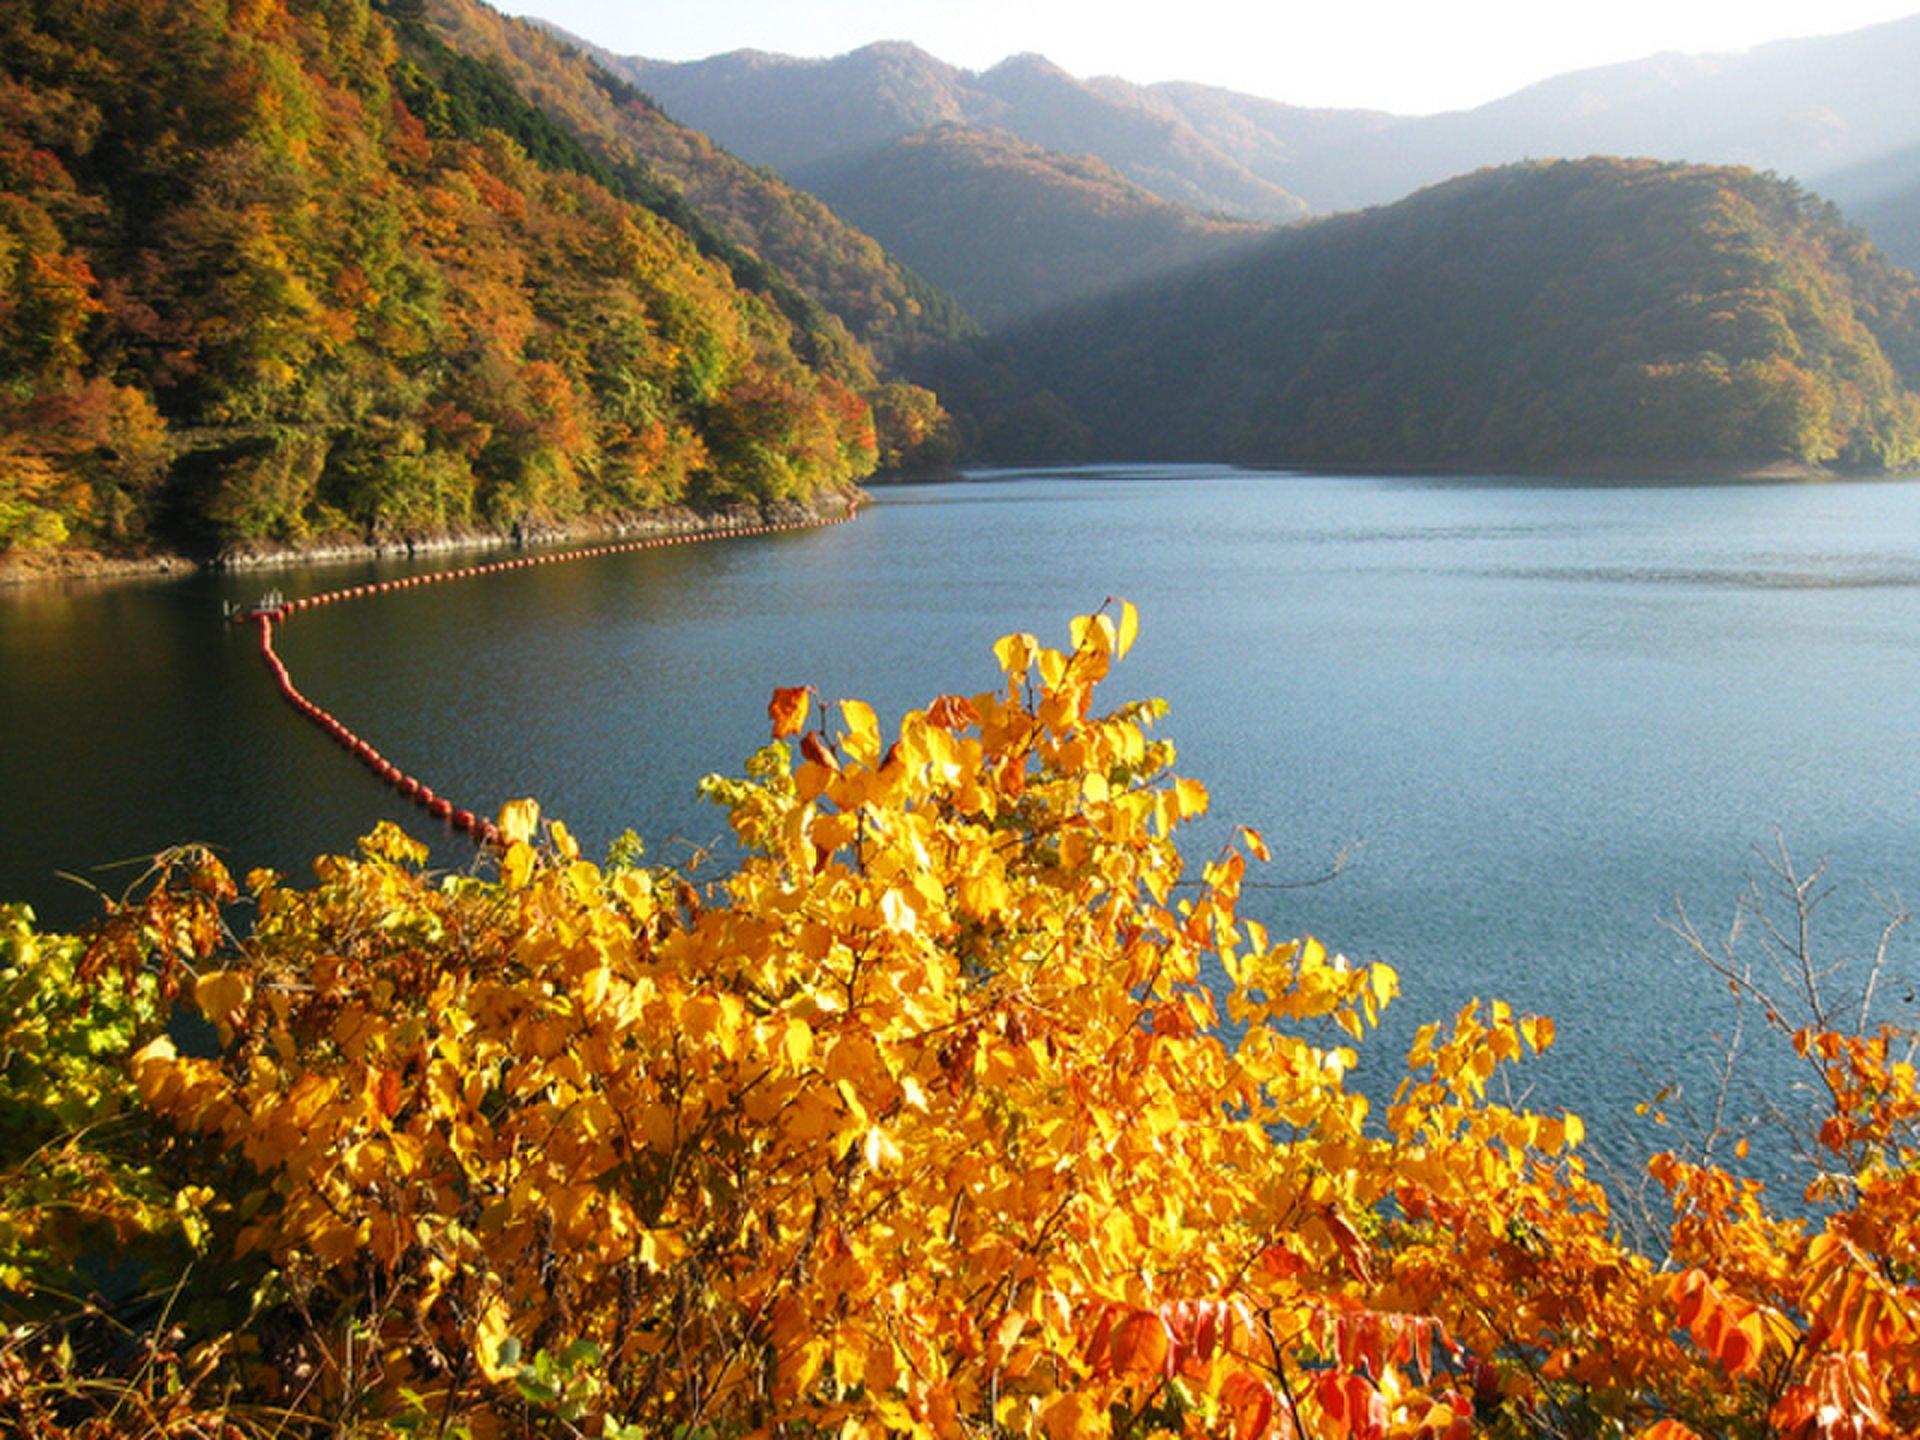 【9月になったね、デートどこ行こう?】秋の醍醐味と言えば紅葉、秋に使うのは味覚ではなく視覚!関東・紅葉スポット特集です。